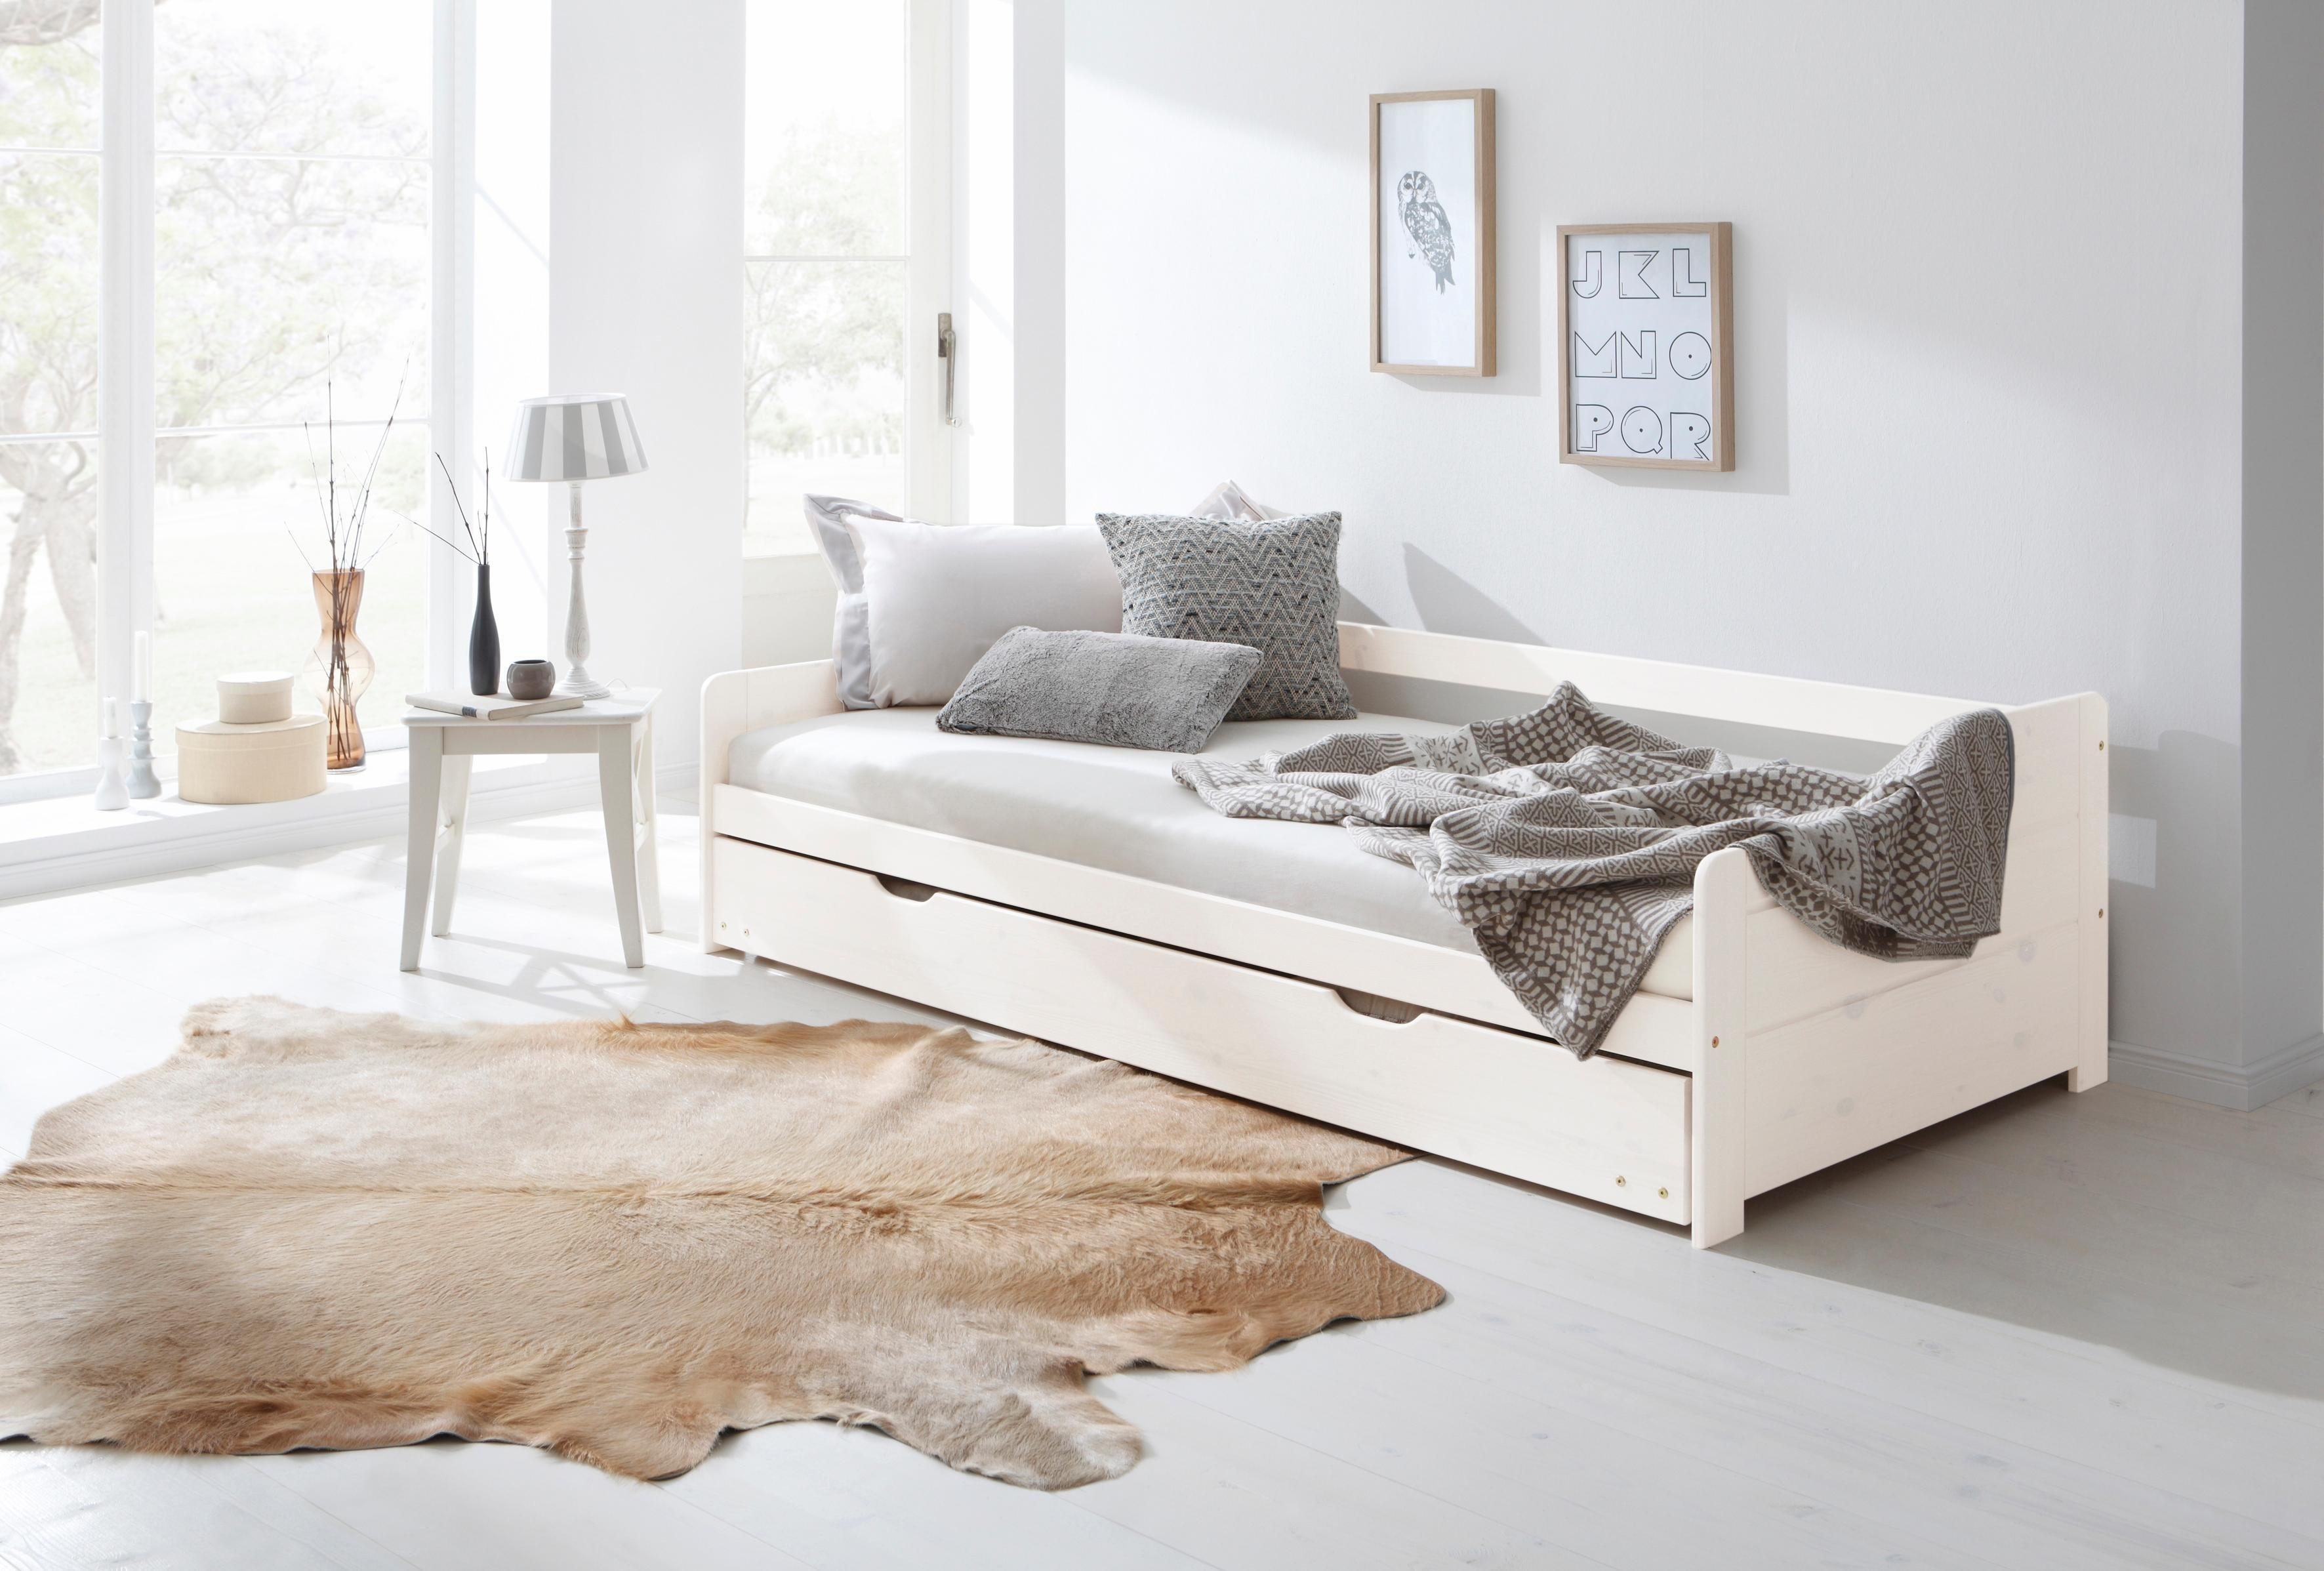 bett ausziehbar preisvergleich die besten angebote online kaufen. Black Bedroom Furniture Sets. Home Design Ideas